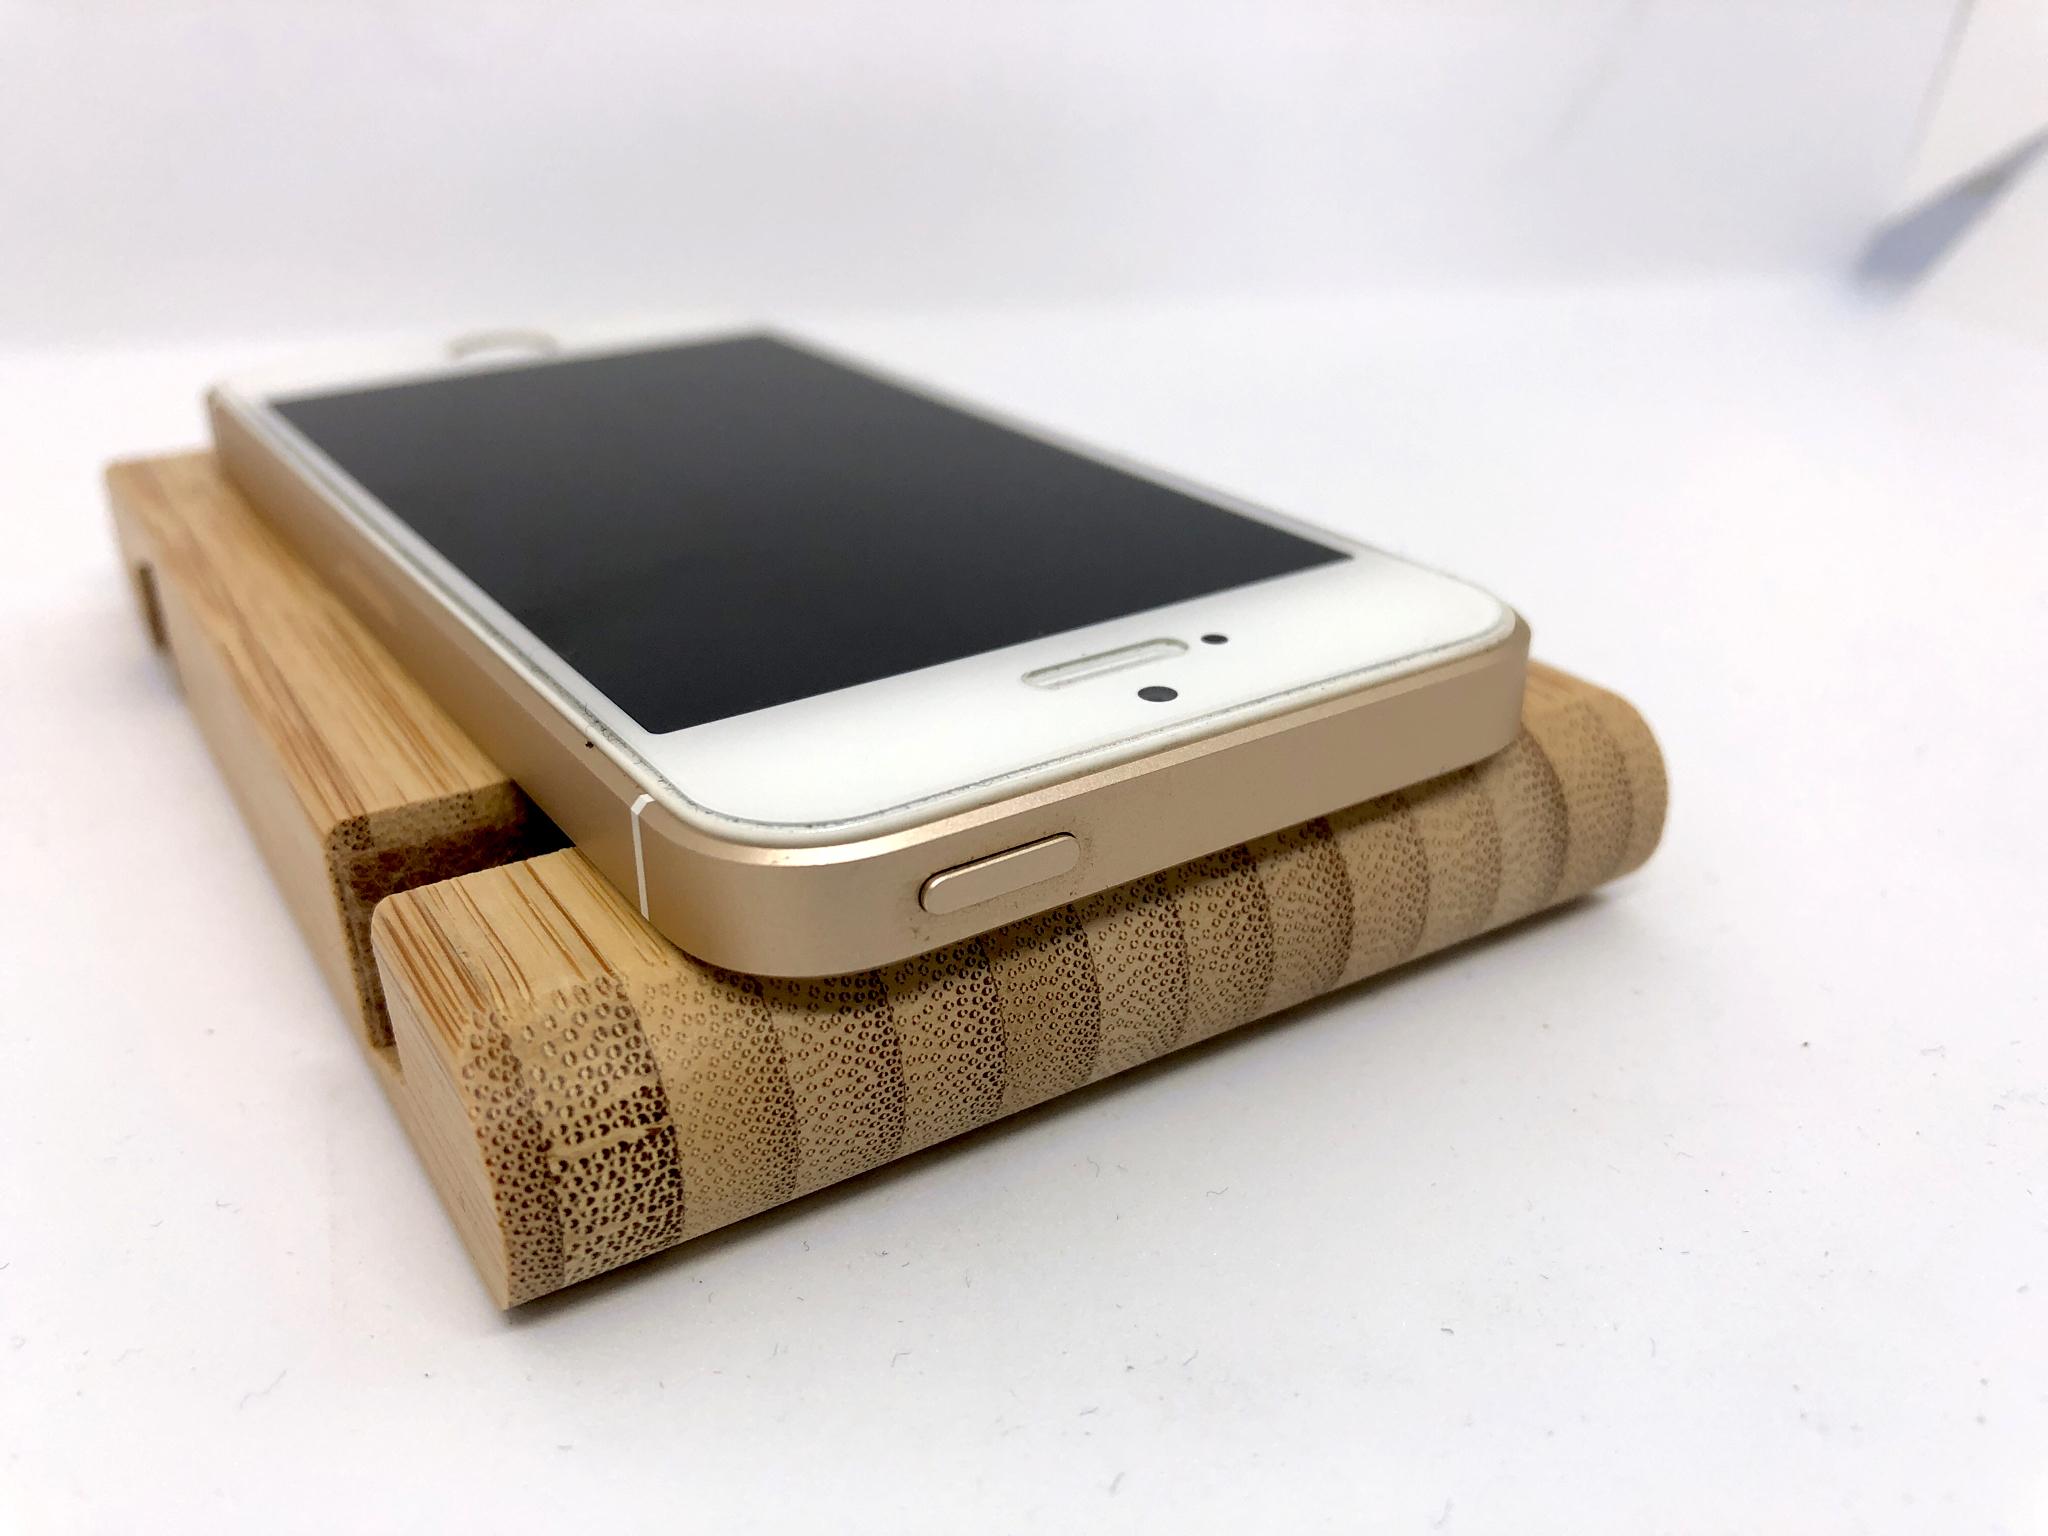 iPhone SE 16GB, 16 GB, Gold, bild 3